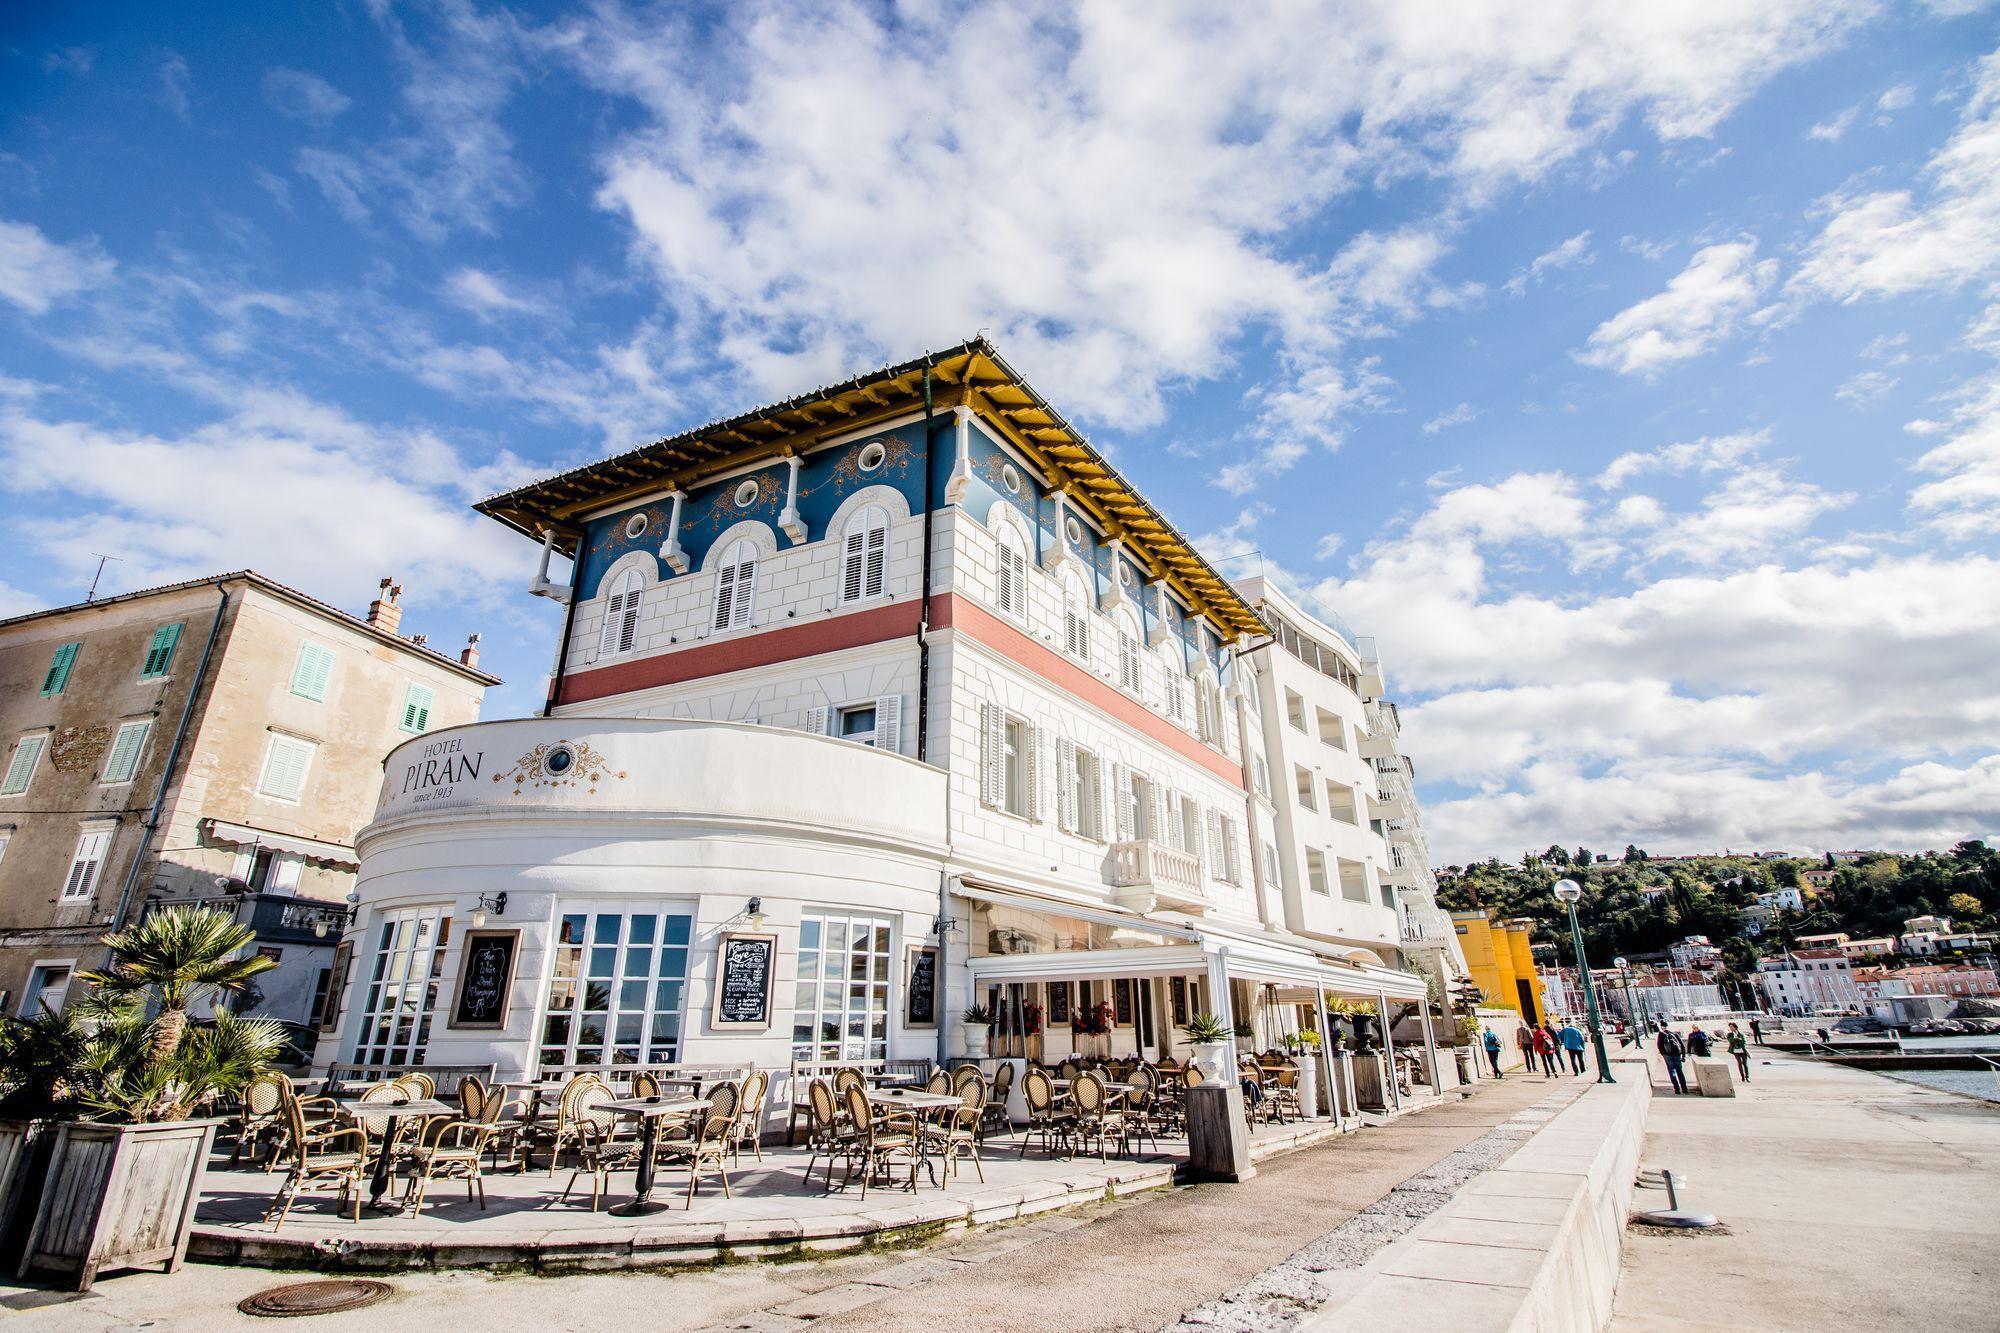 Hotel Ramah untuk Pejalan Kaki di Kota Piran